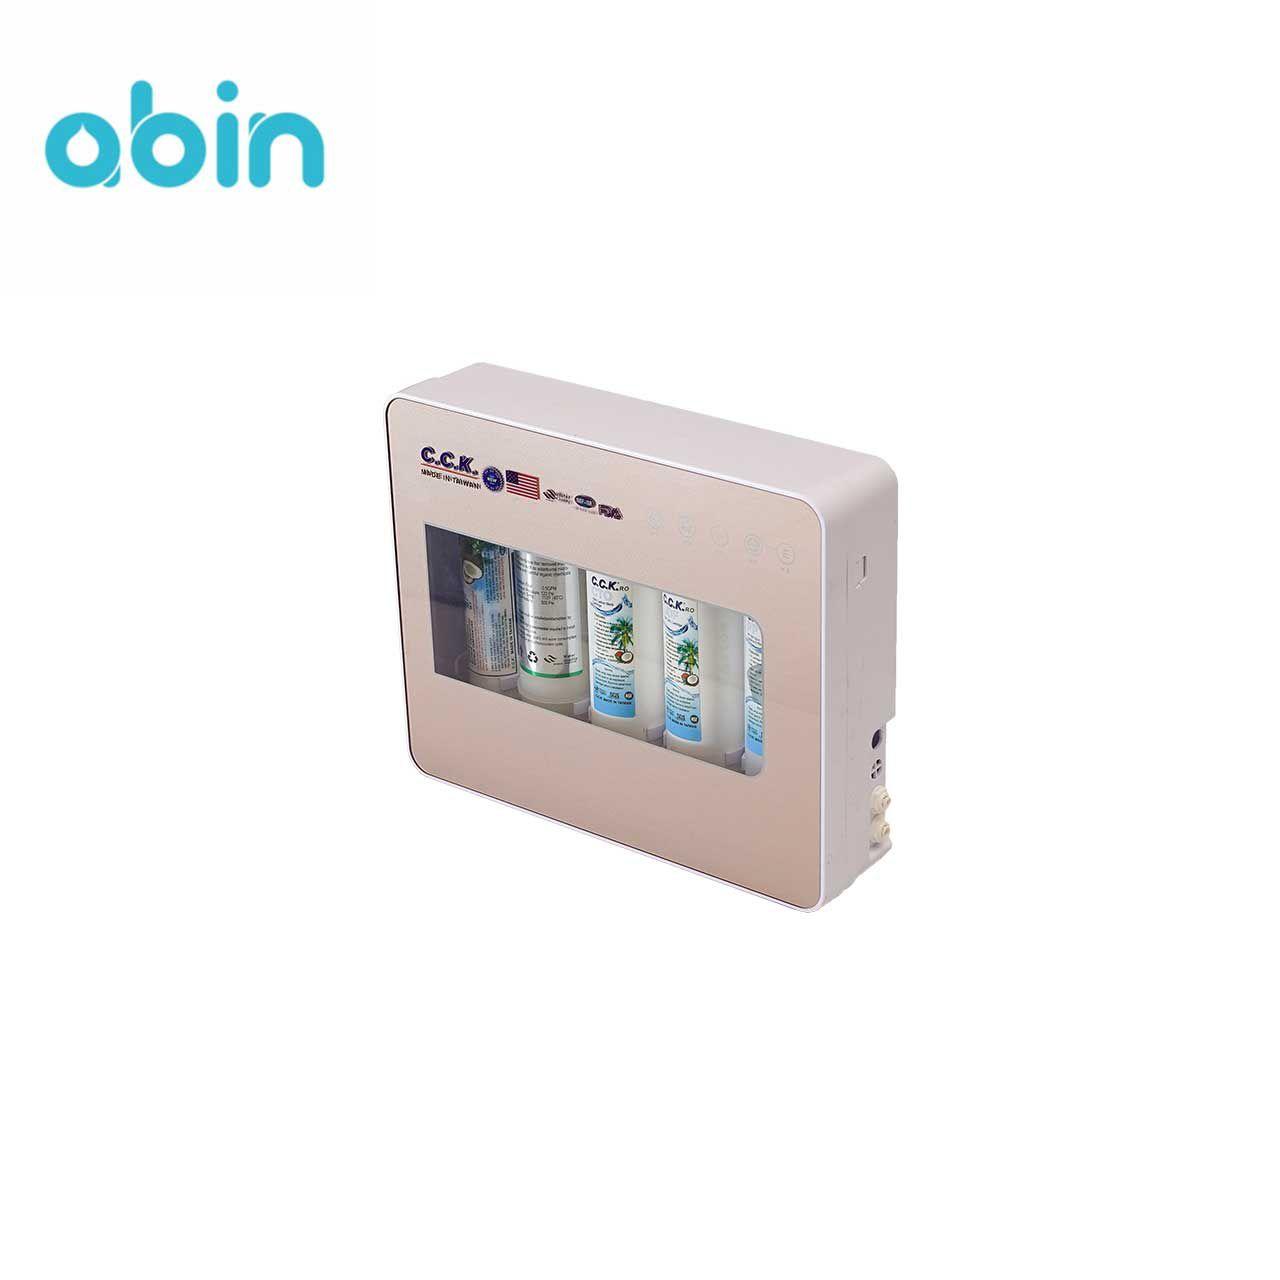 دستگاه تصفیه آب خانگی سی سی کا (CCK) مدل کیسی UF